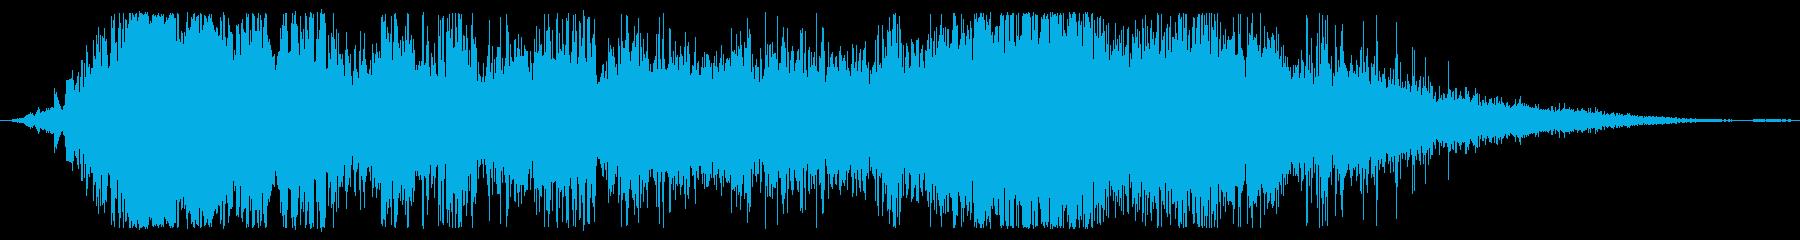 マシンラッスル、エイリアンバード、...の再生済みの波形